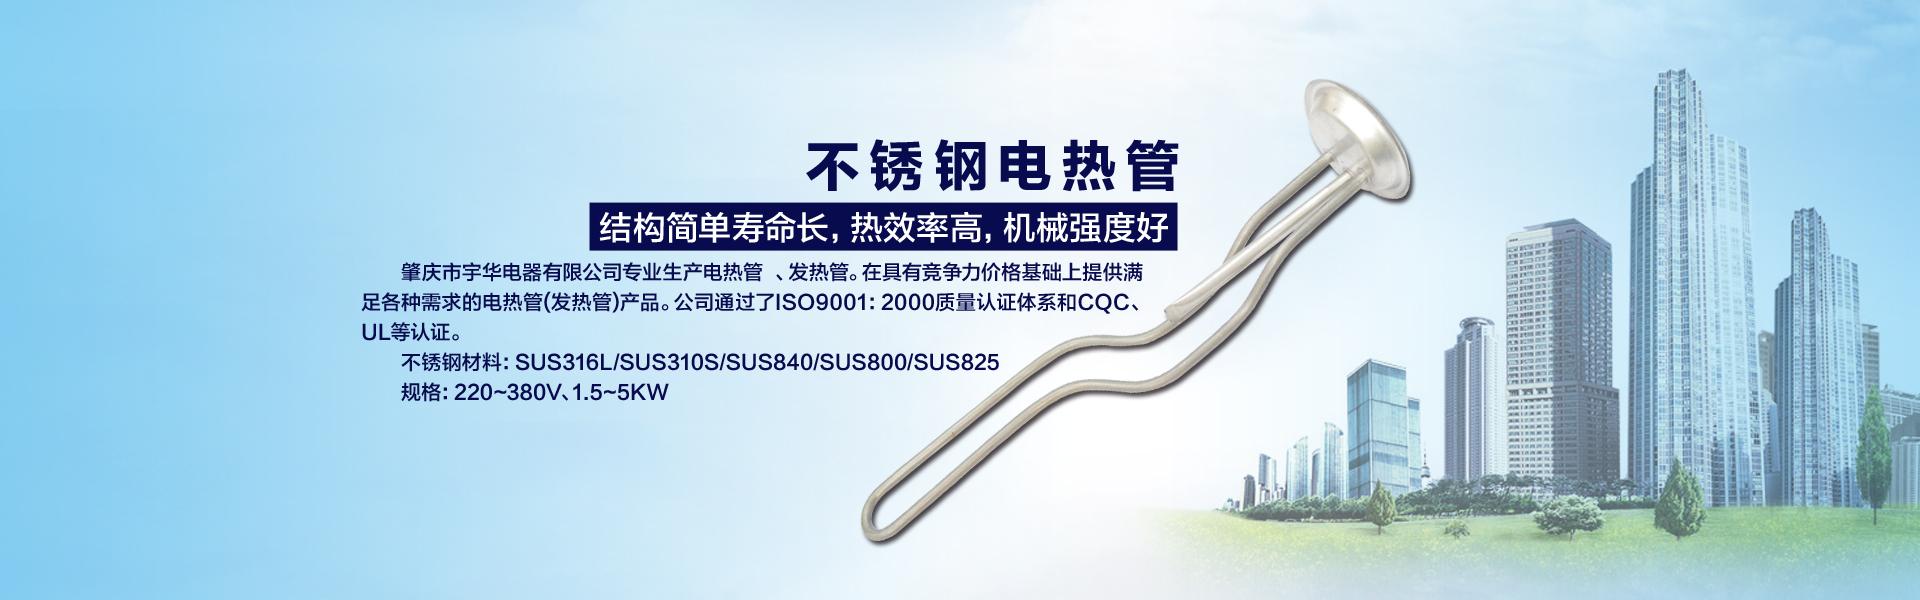 肇慶市宇華電器有限公司專業生產家用電熱水器,單頭電熱管和不銹鋼電熱管。